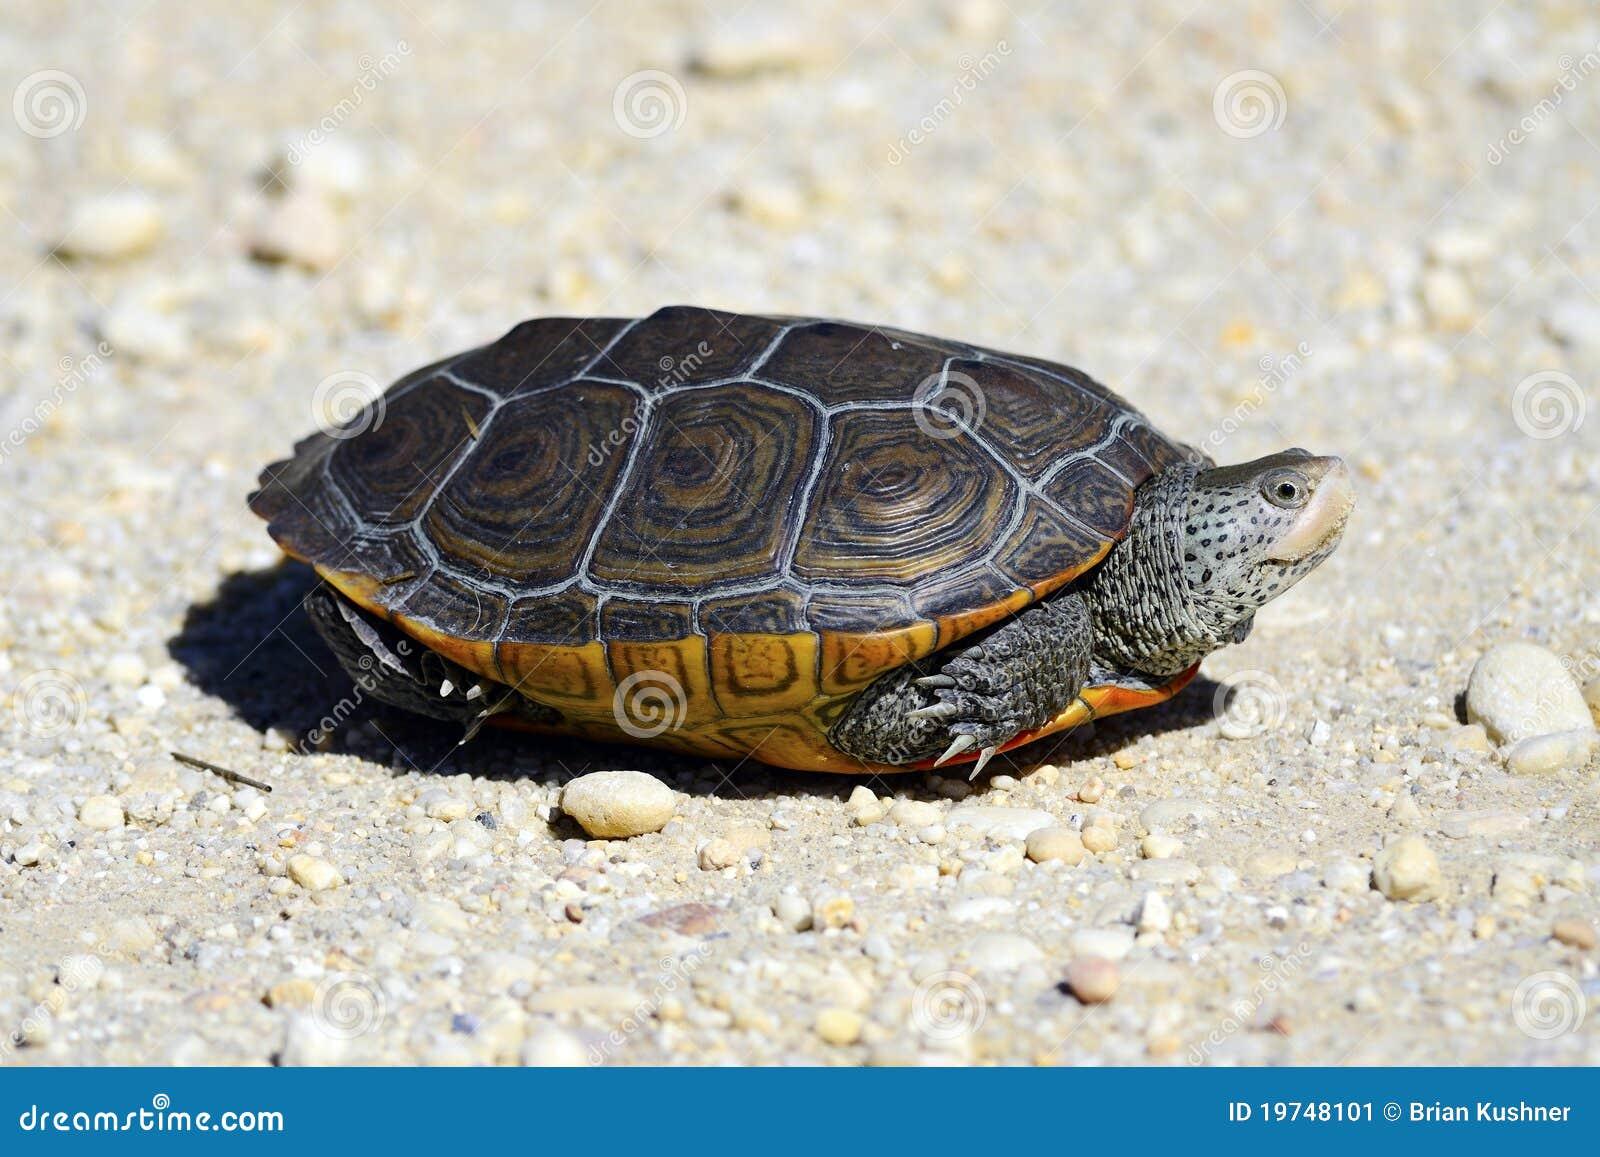 Tartaruga d 39 acqua dolce di diamondback immagine stock for Tartaruga acqua dolce razze